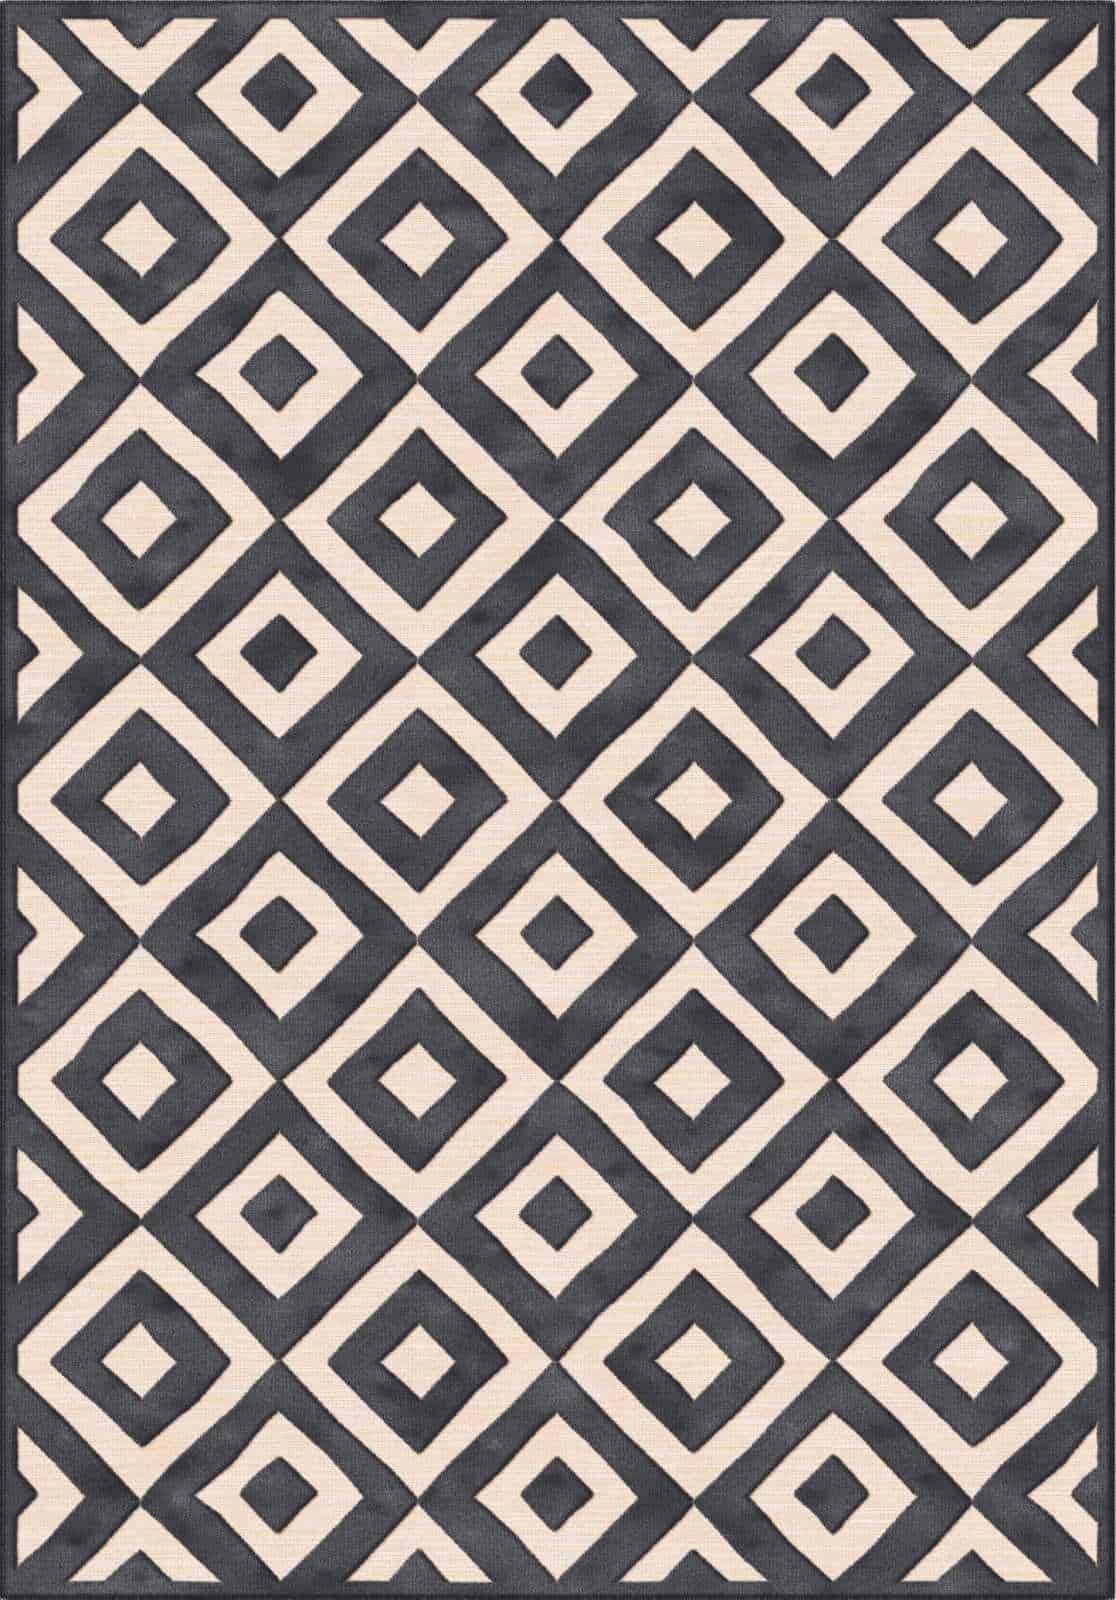 שטיח מודרני גאומטרי דוגמת מעוינים